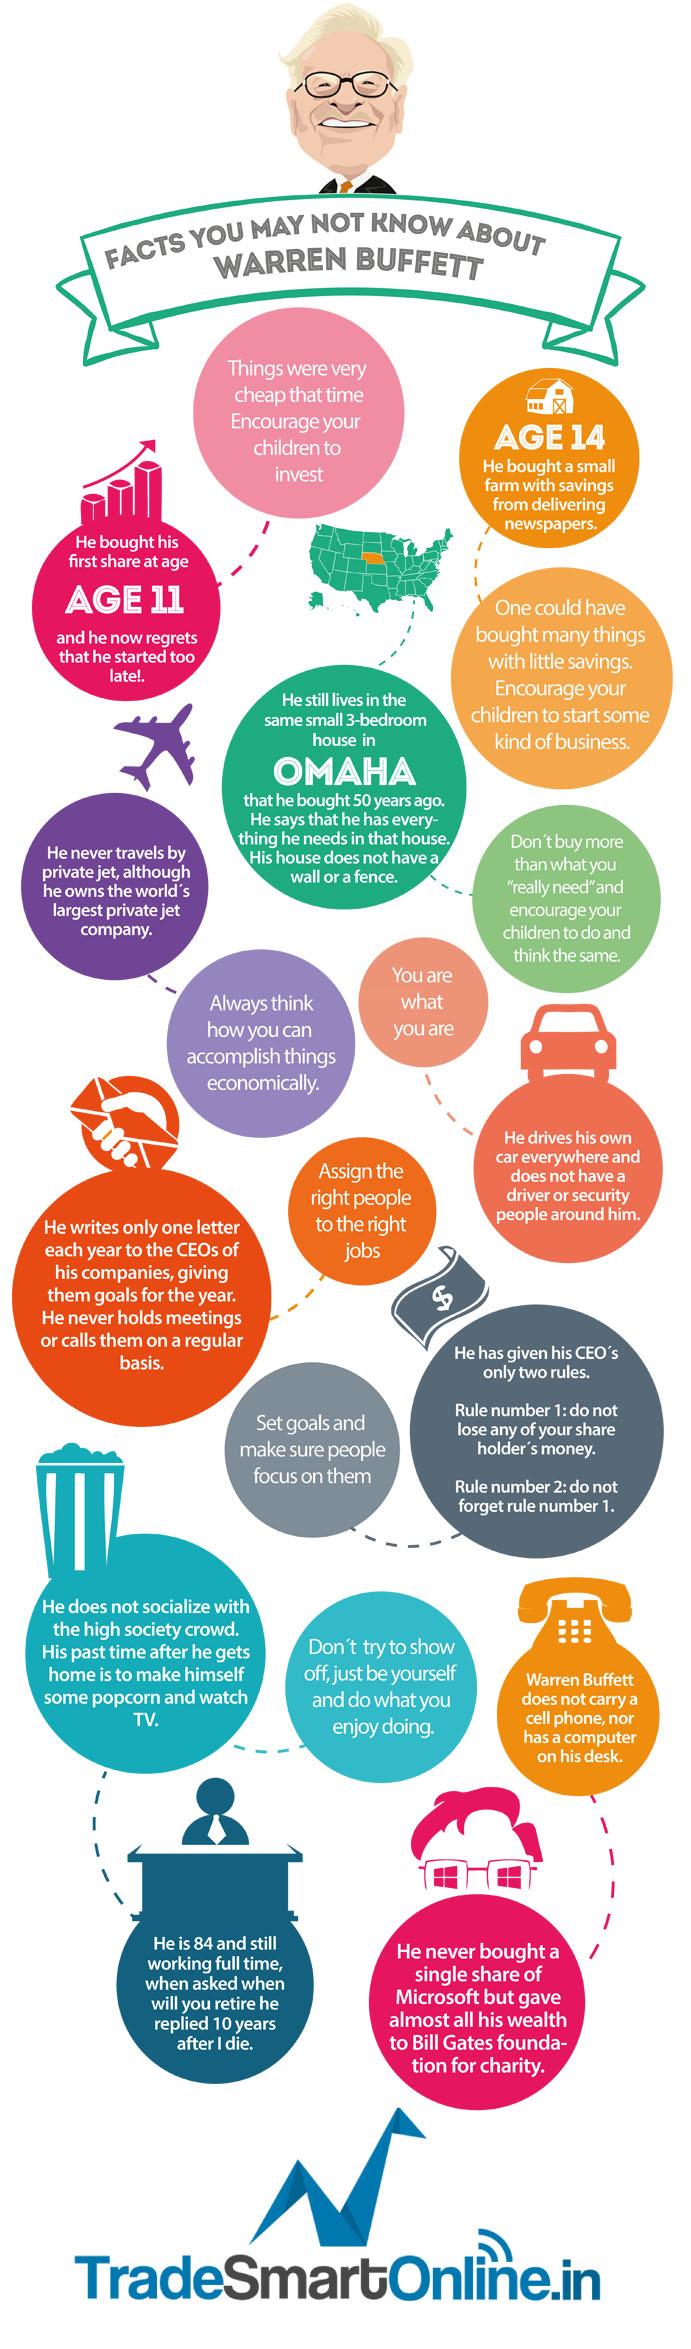 facts about Warren Buffett